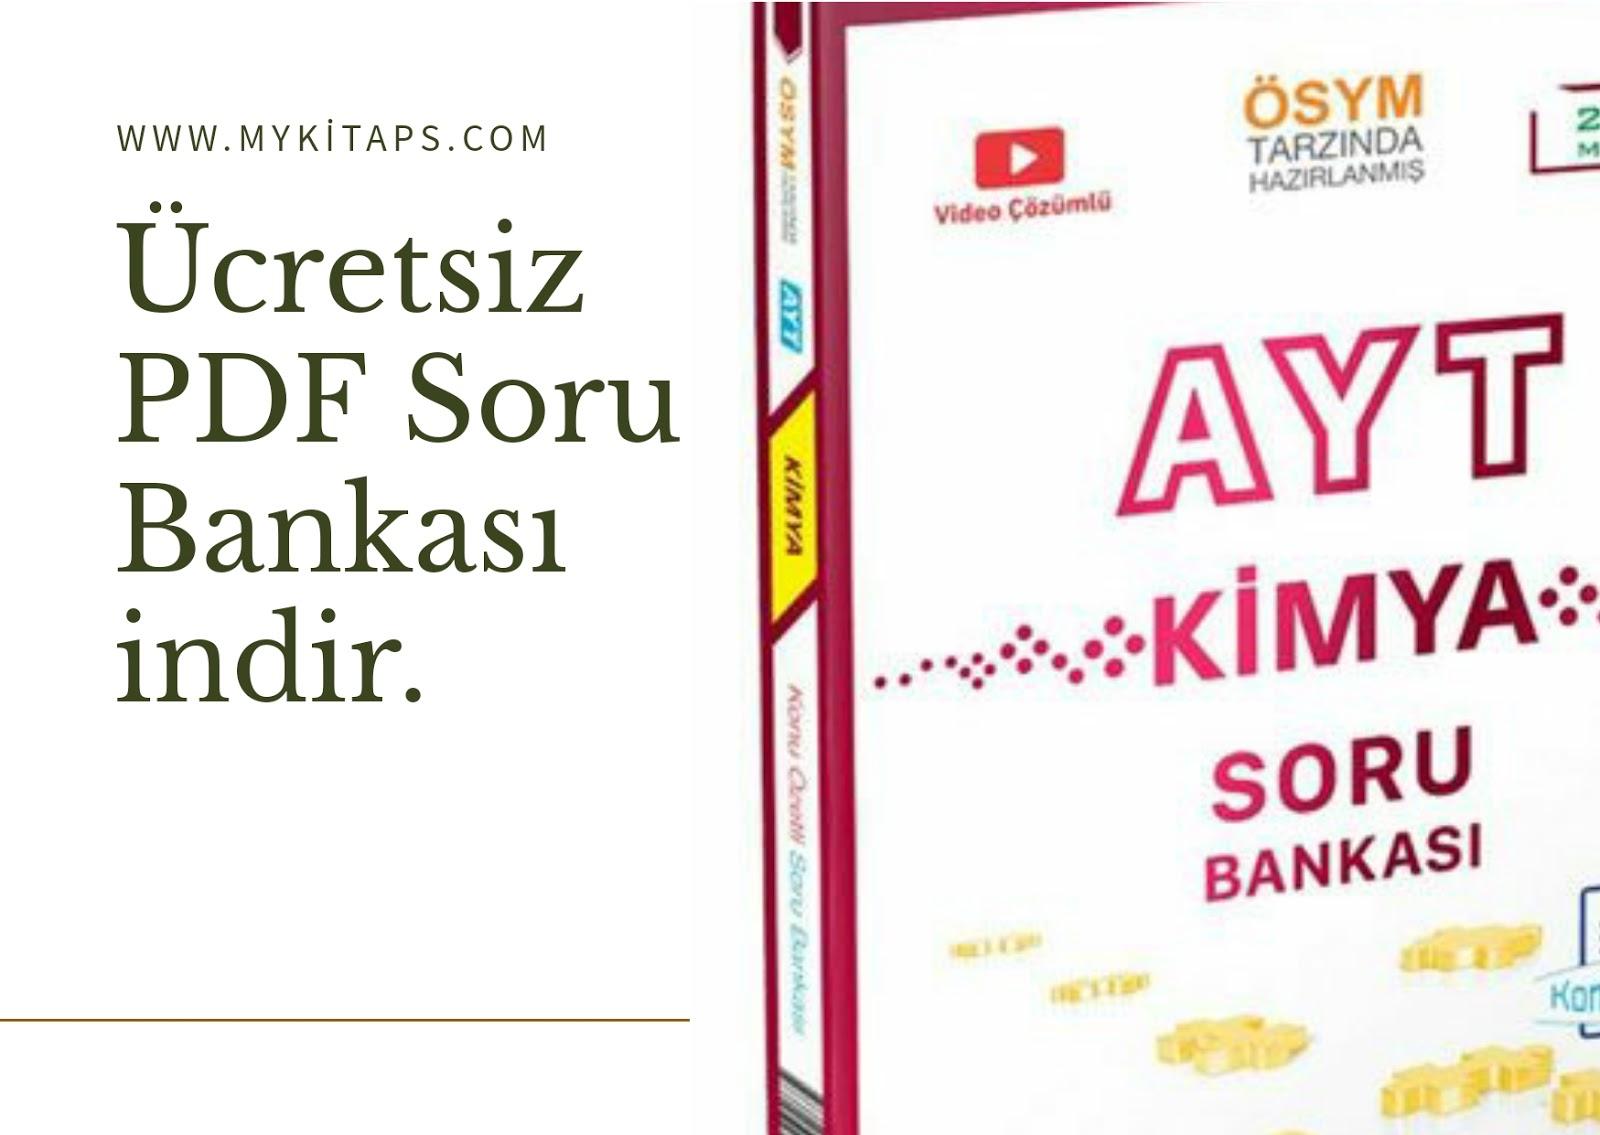 345 Yayınları AYT Kimya Soru Bankası (2020).zip